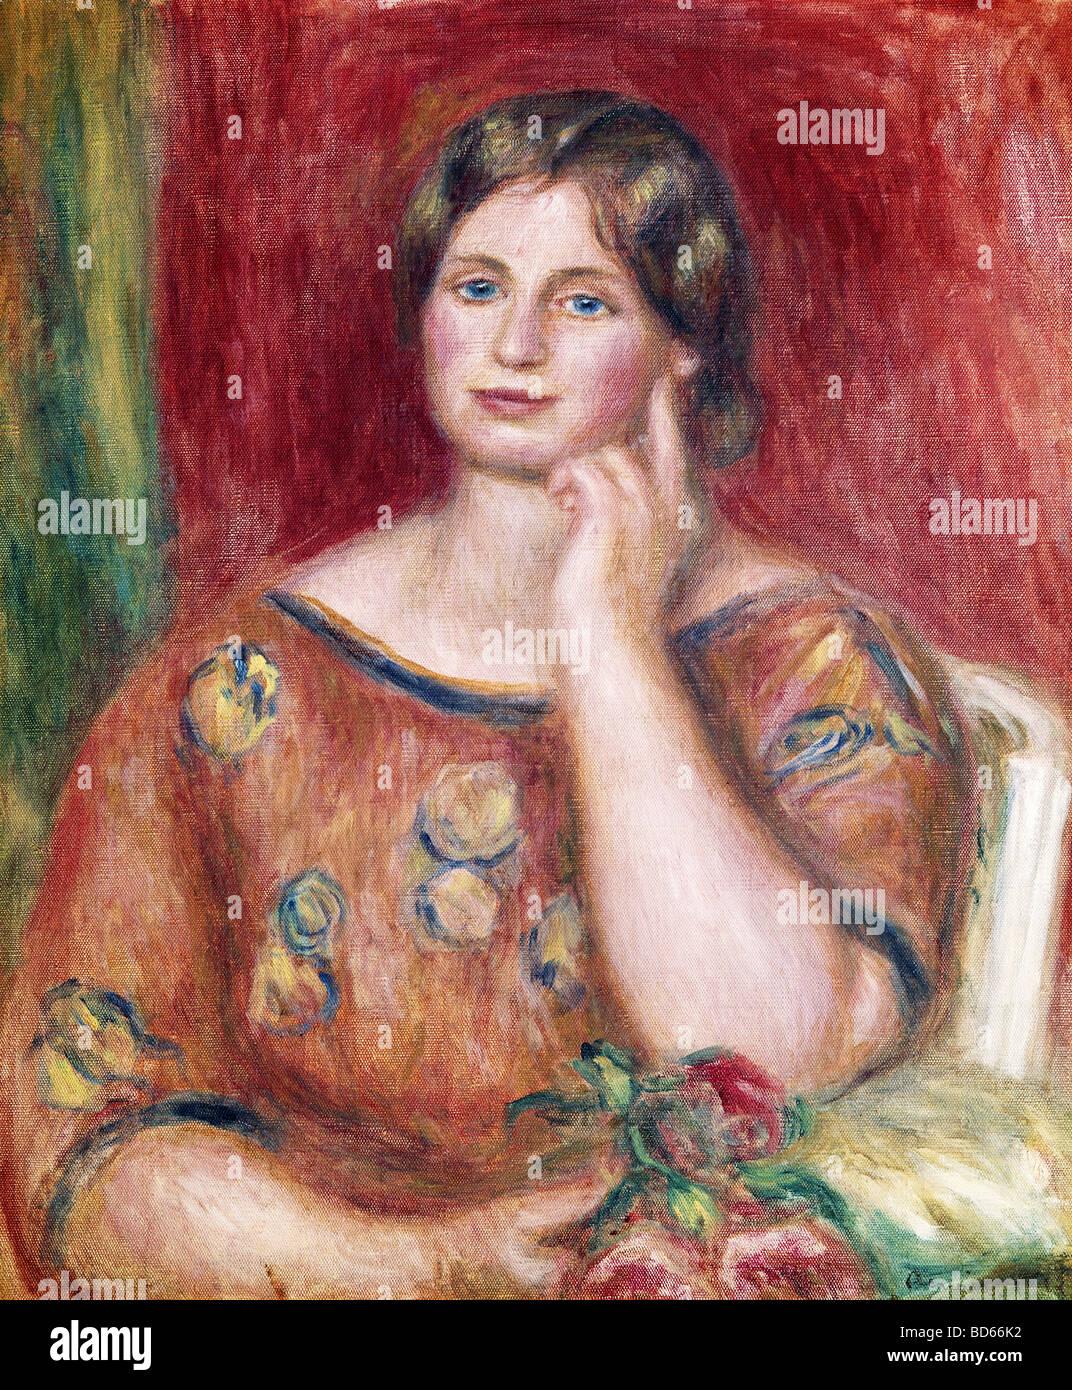 """Bellas artes, Renoir, Auguste (1841 - 1919), la pintura """"Retrato de Madame Osthaus', de 1913, el Museo Imagen De Stock"""